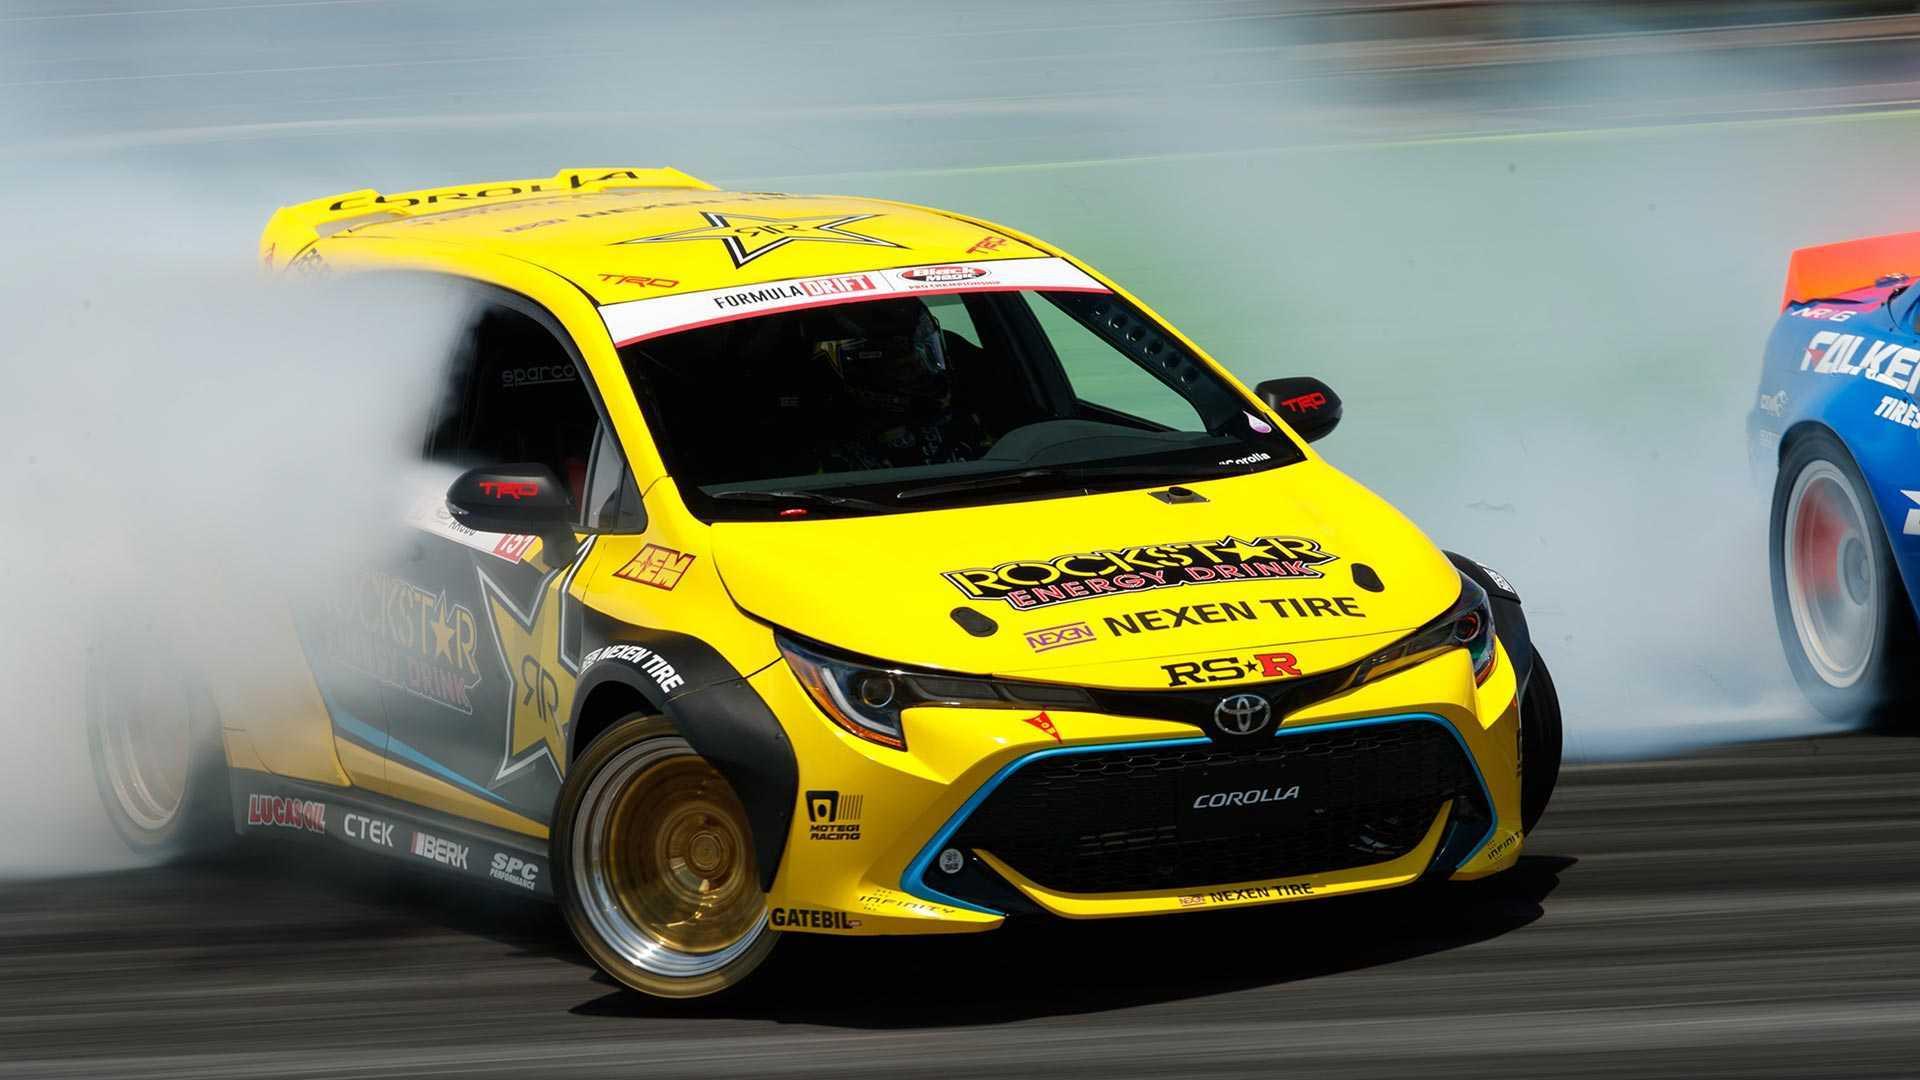 Toyota Corolla Papadakis Racing Drift Car SEMA Custom